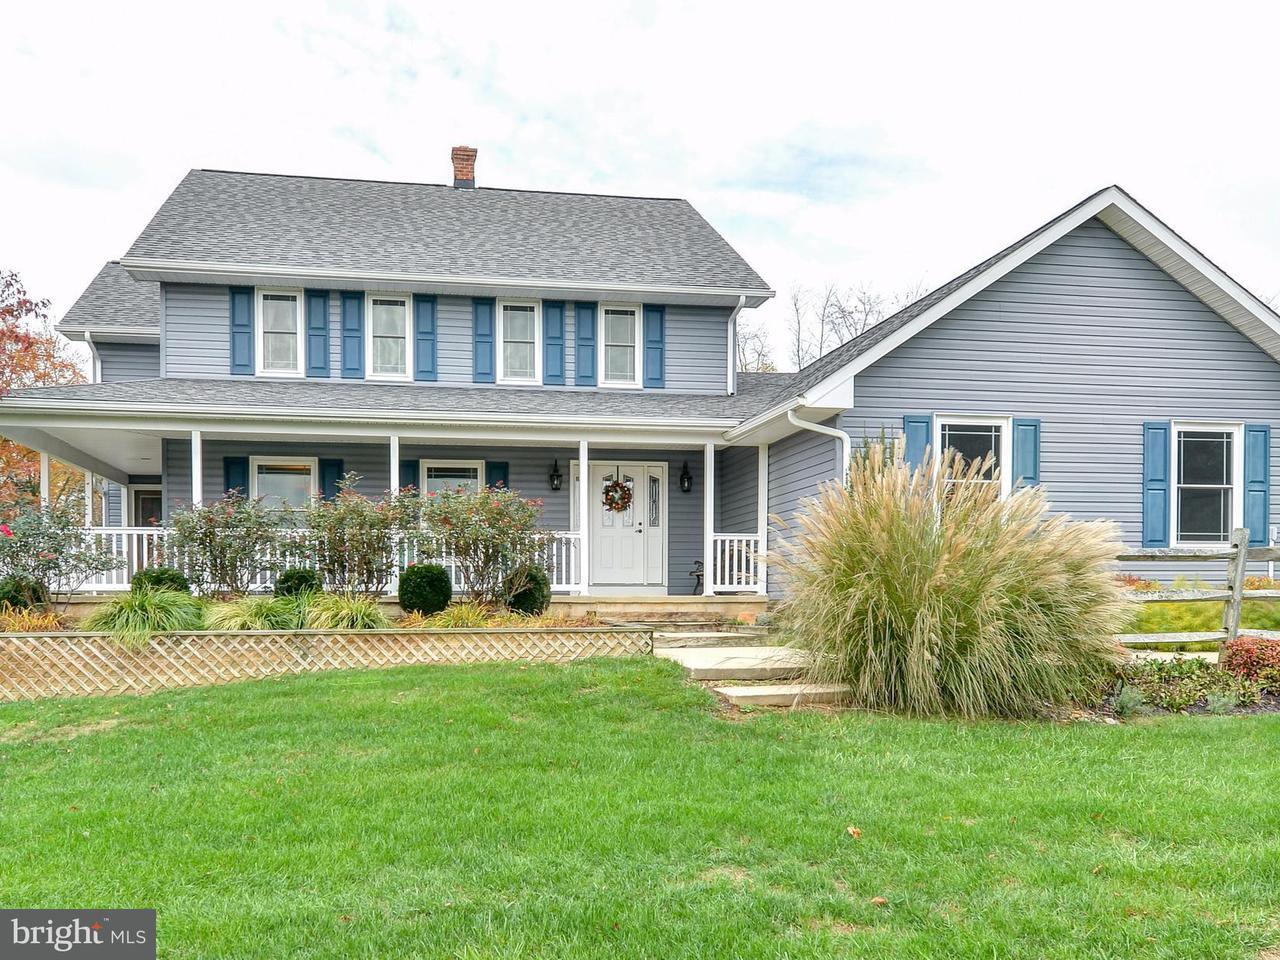 Casa Unifamiliar por un Venta en 45 SIMPERS WAY 45 SIMPERS WAY North East, Maryland 21901 Estados Unidos